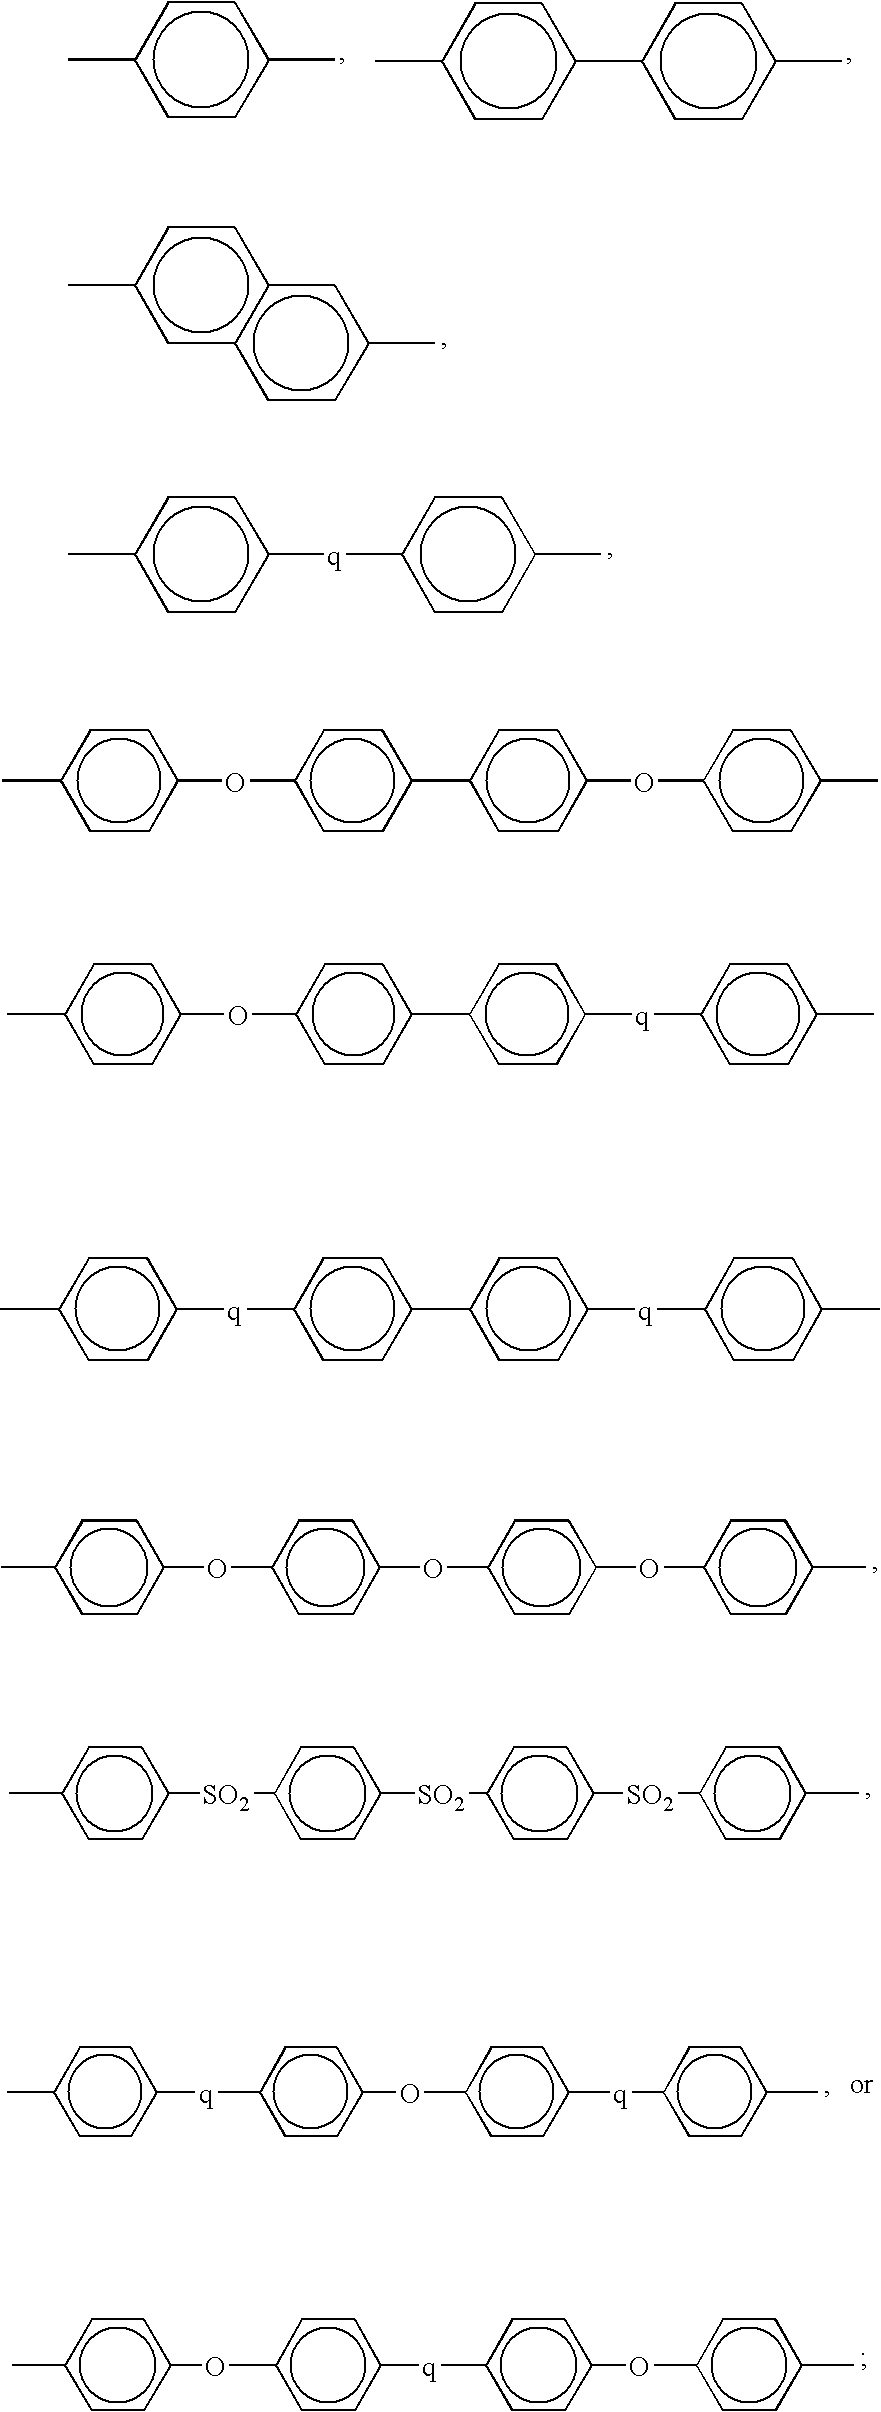 Figure US20100204412A1-20100812-C00056